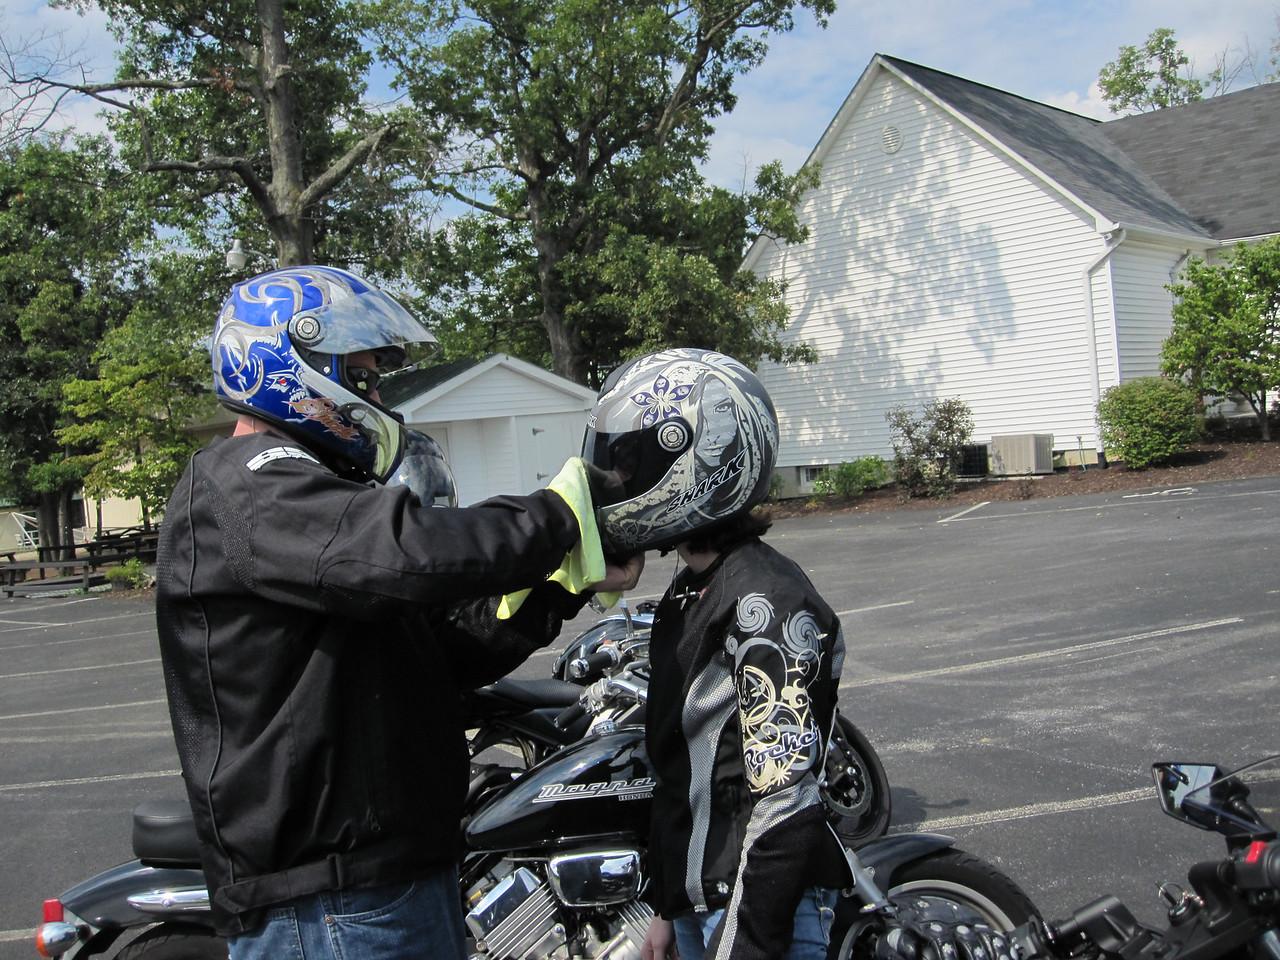 Greg cleaning Katie's helmet.